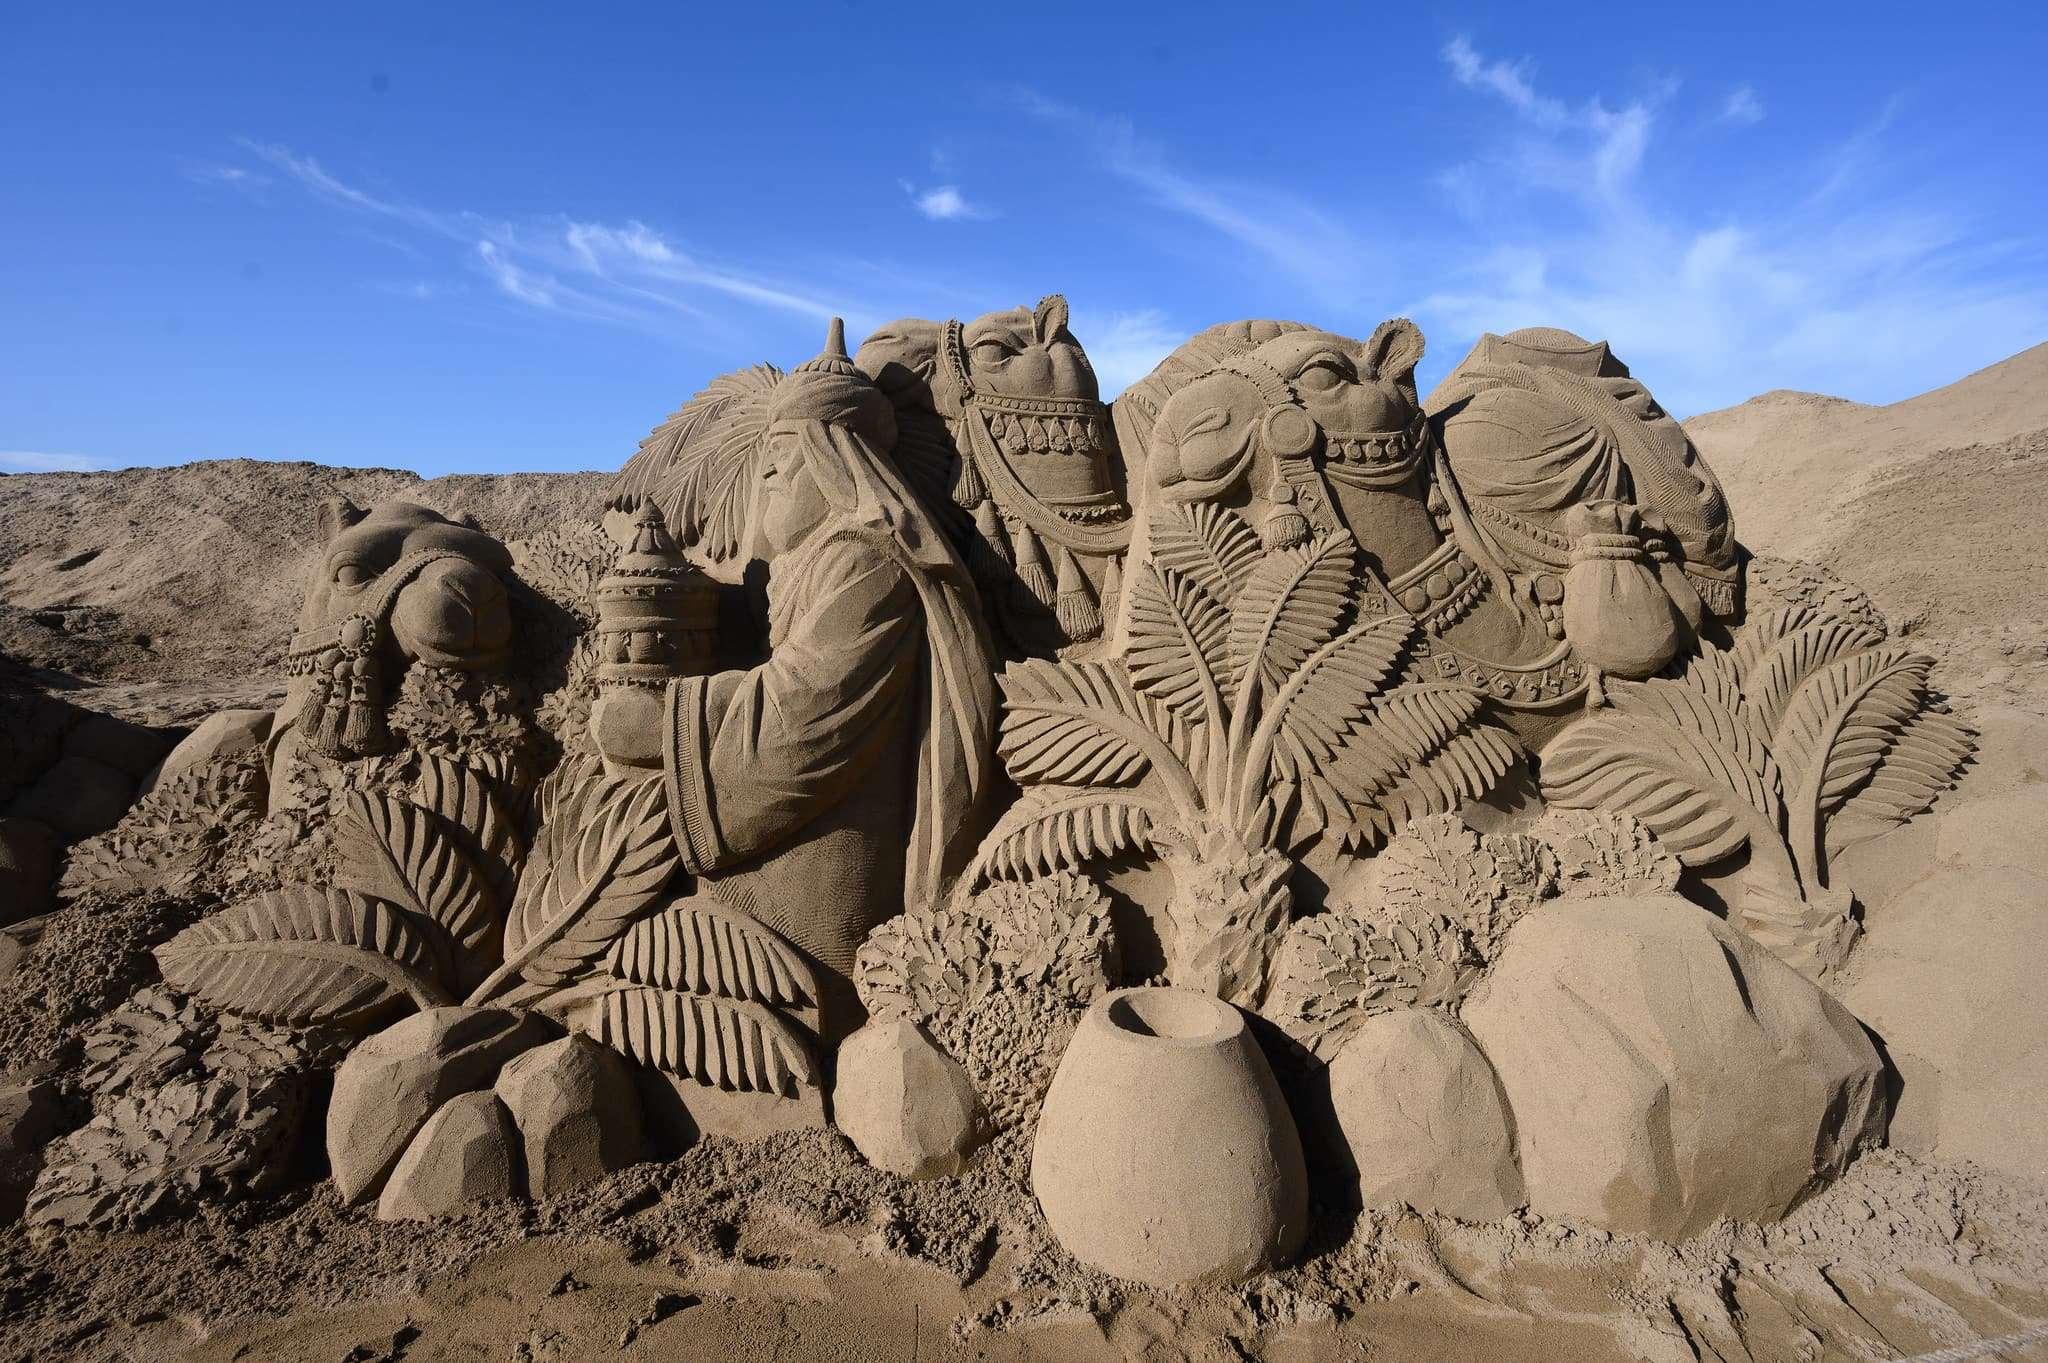 Un original Belén de arena para la navidad en Gran Canaria 57